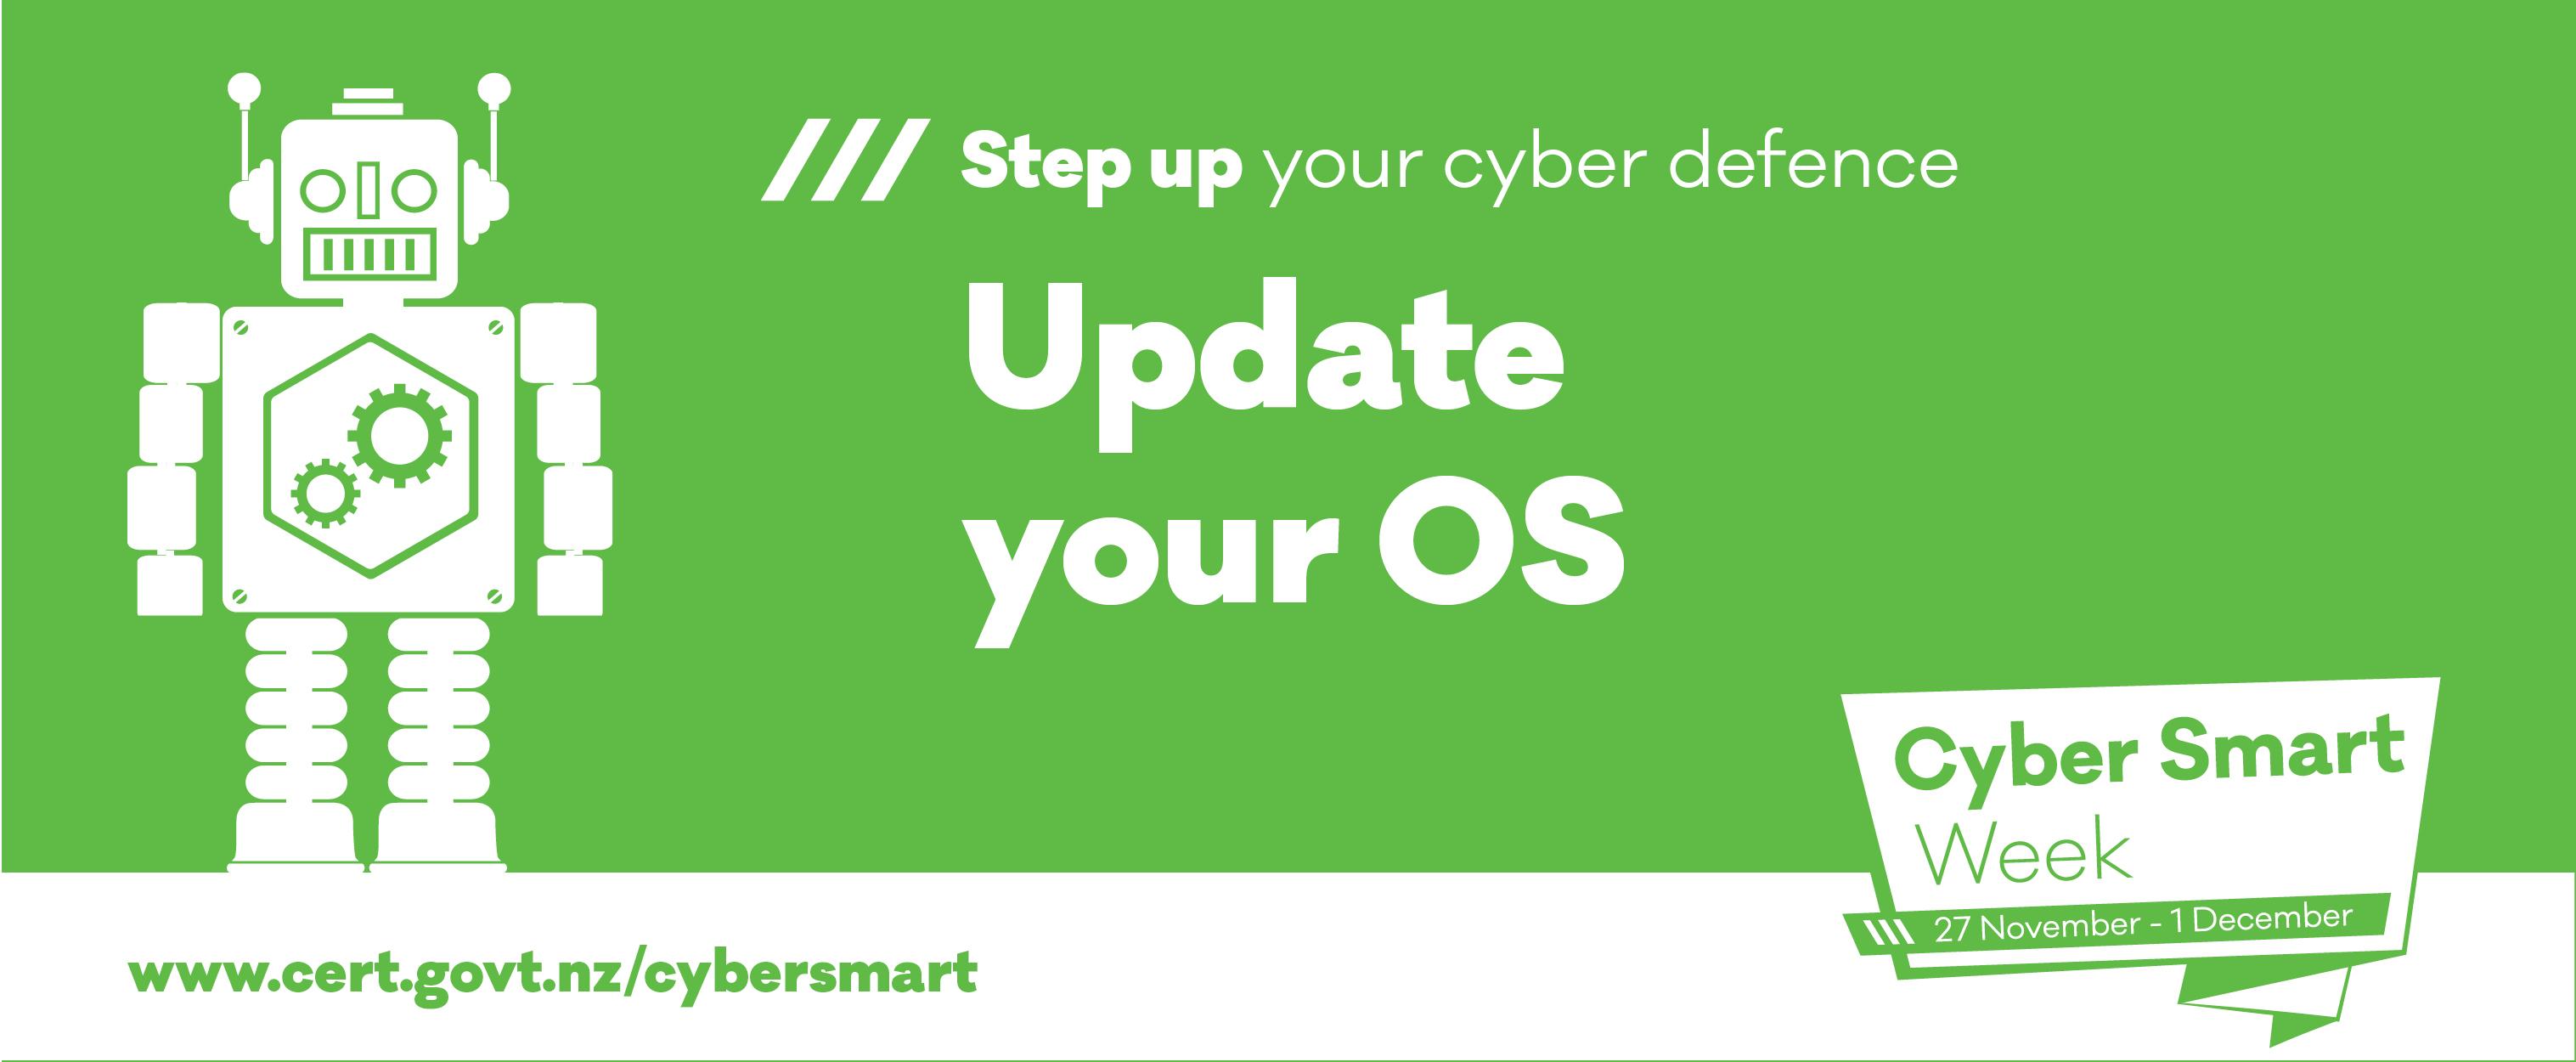 phew cyber smart week 2017 update OS